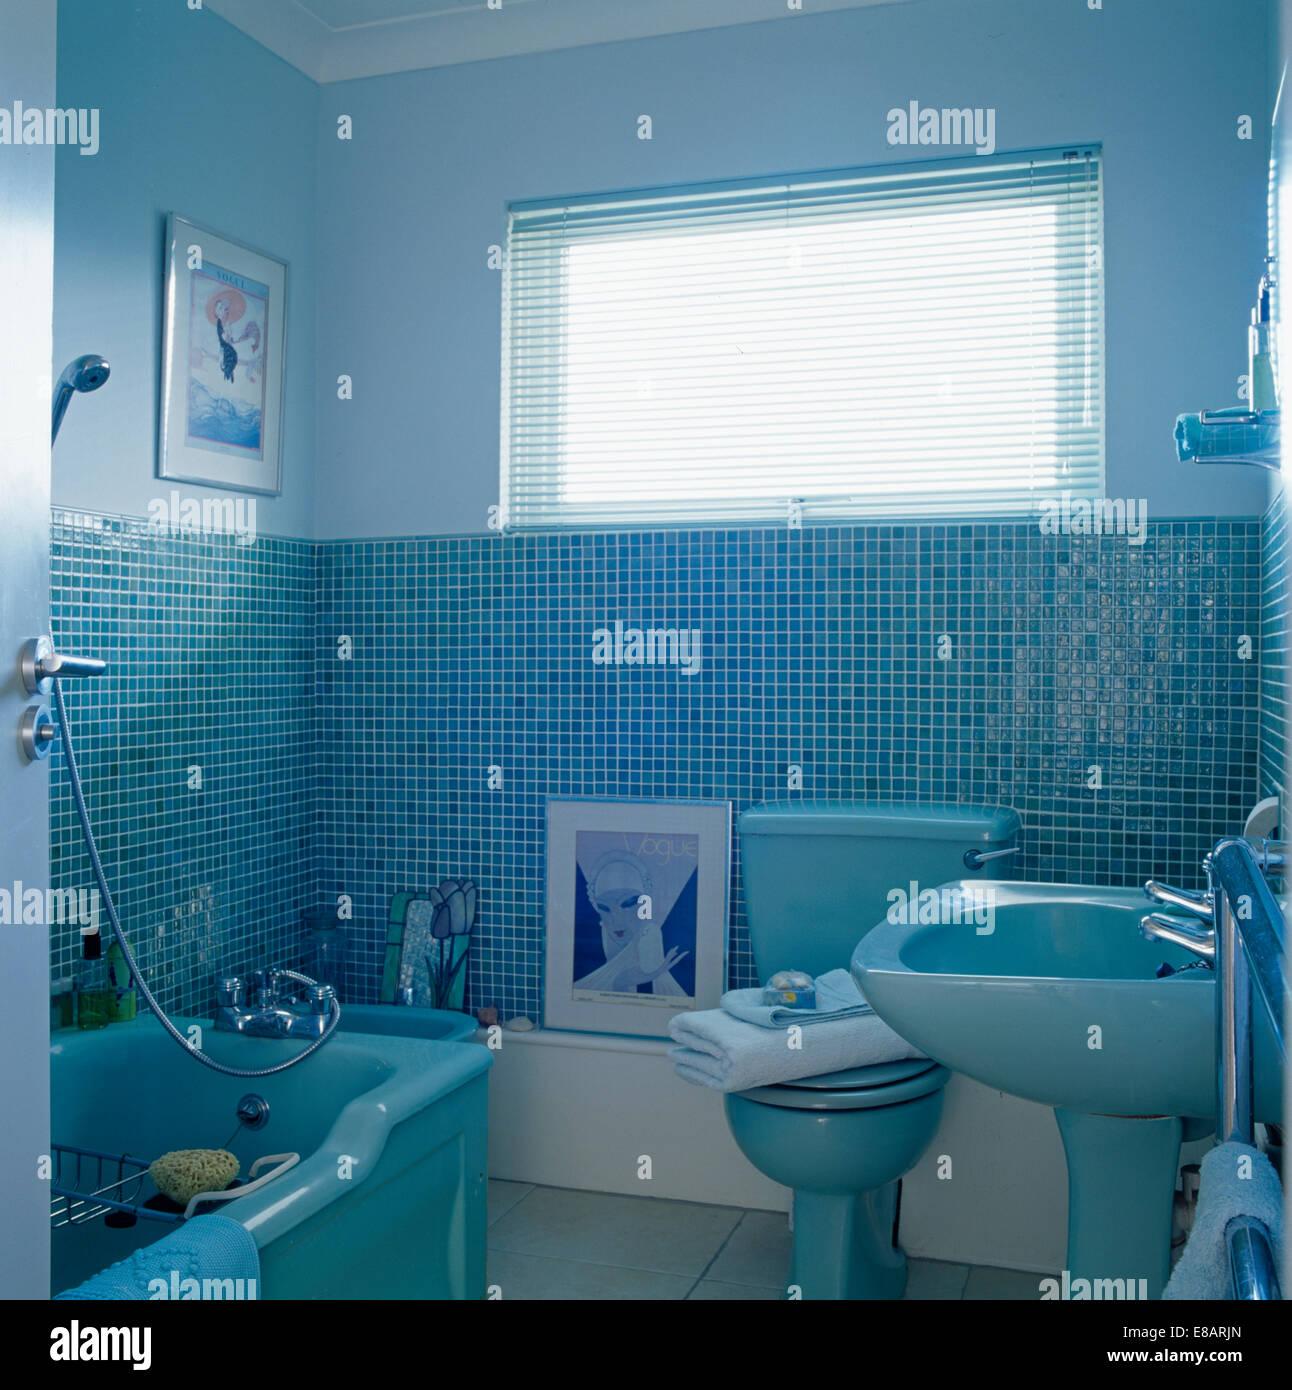 Salle De Bains Carrelee De Mosaique Bleu Bleu Avec Baignoire